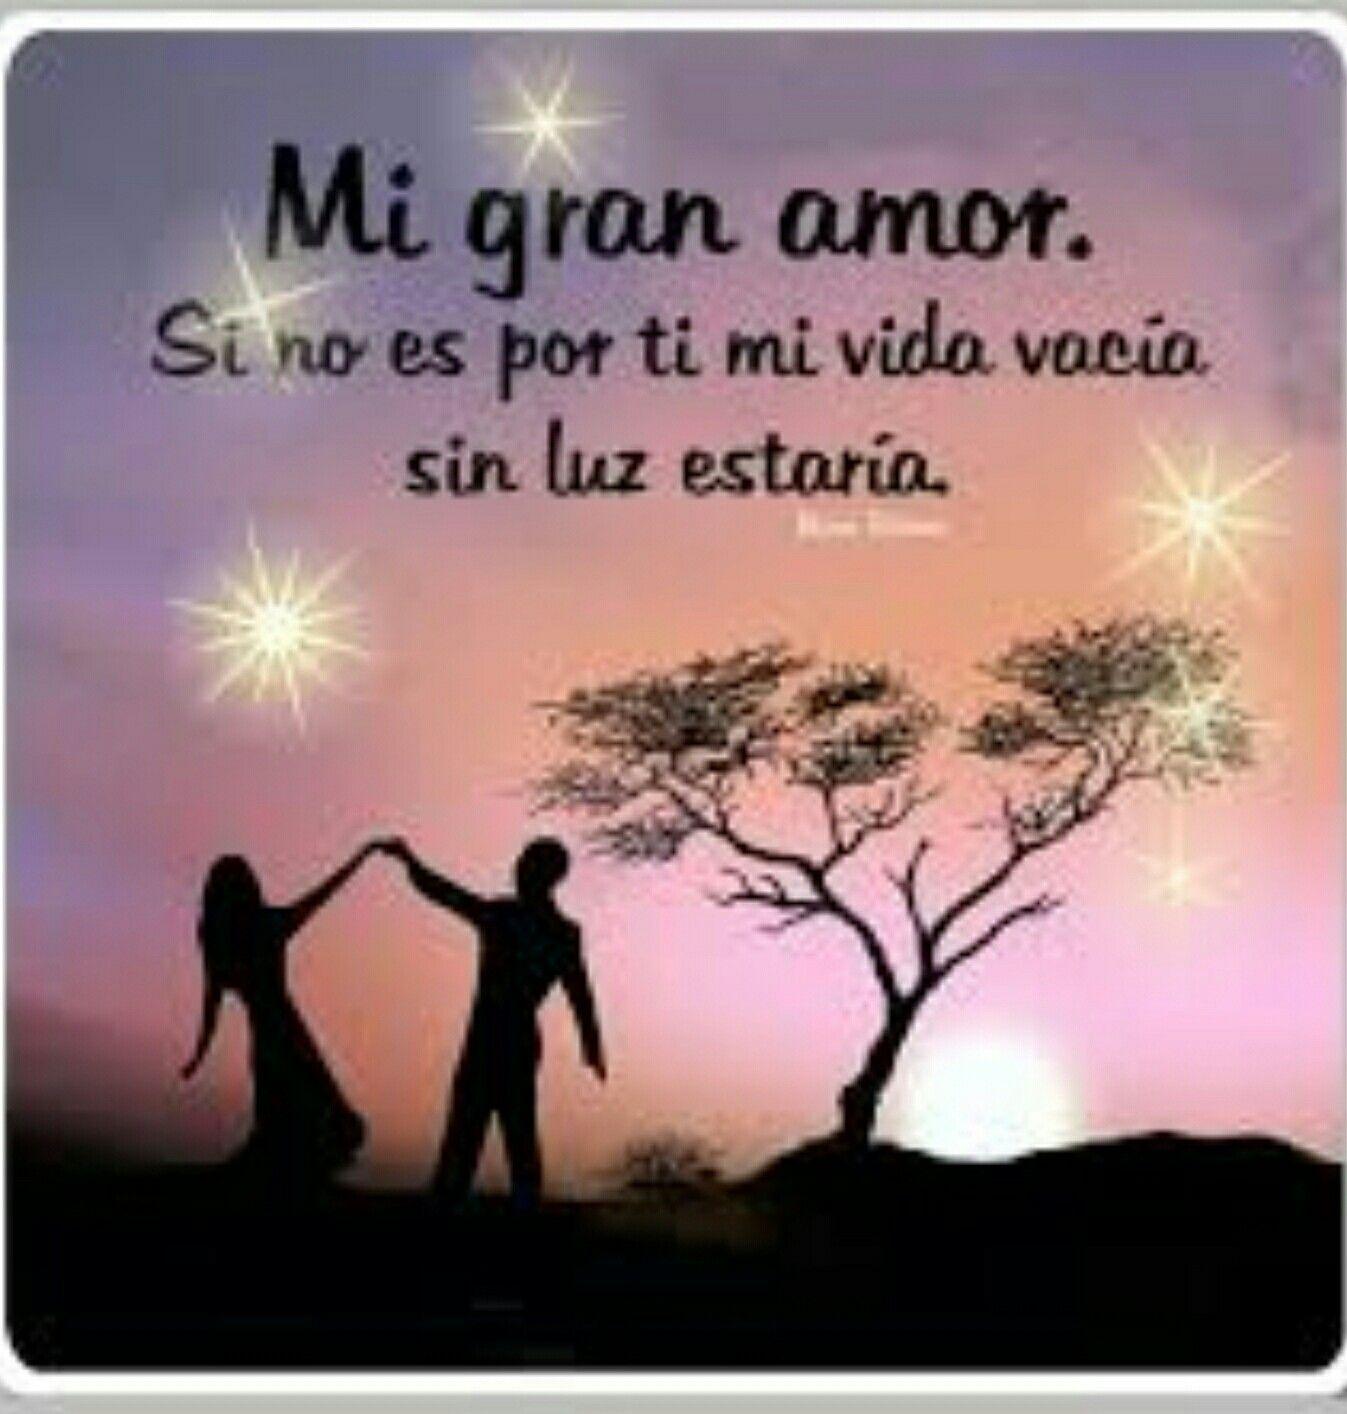 Mensajes de amor para enviar a tu pareja o personal especial Mensajes con frases de amor para enamorar Declaraciones románticas en imágenes